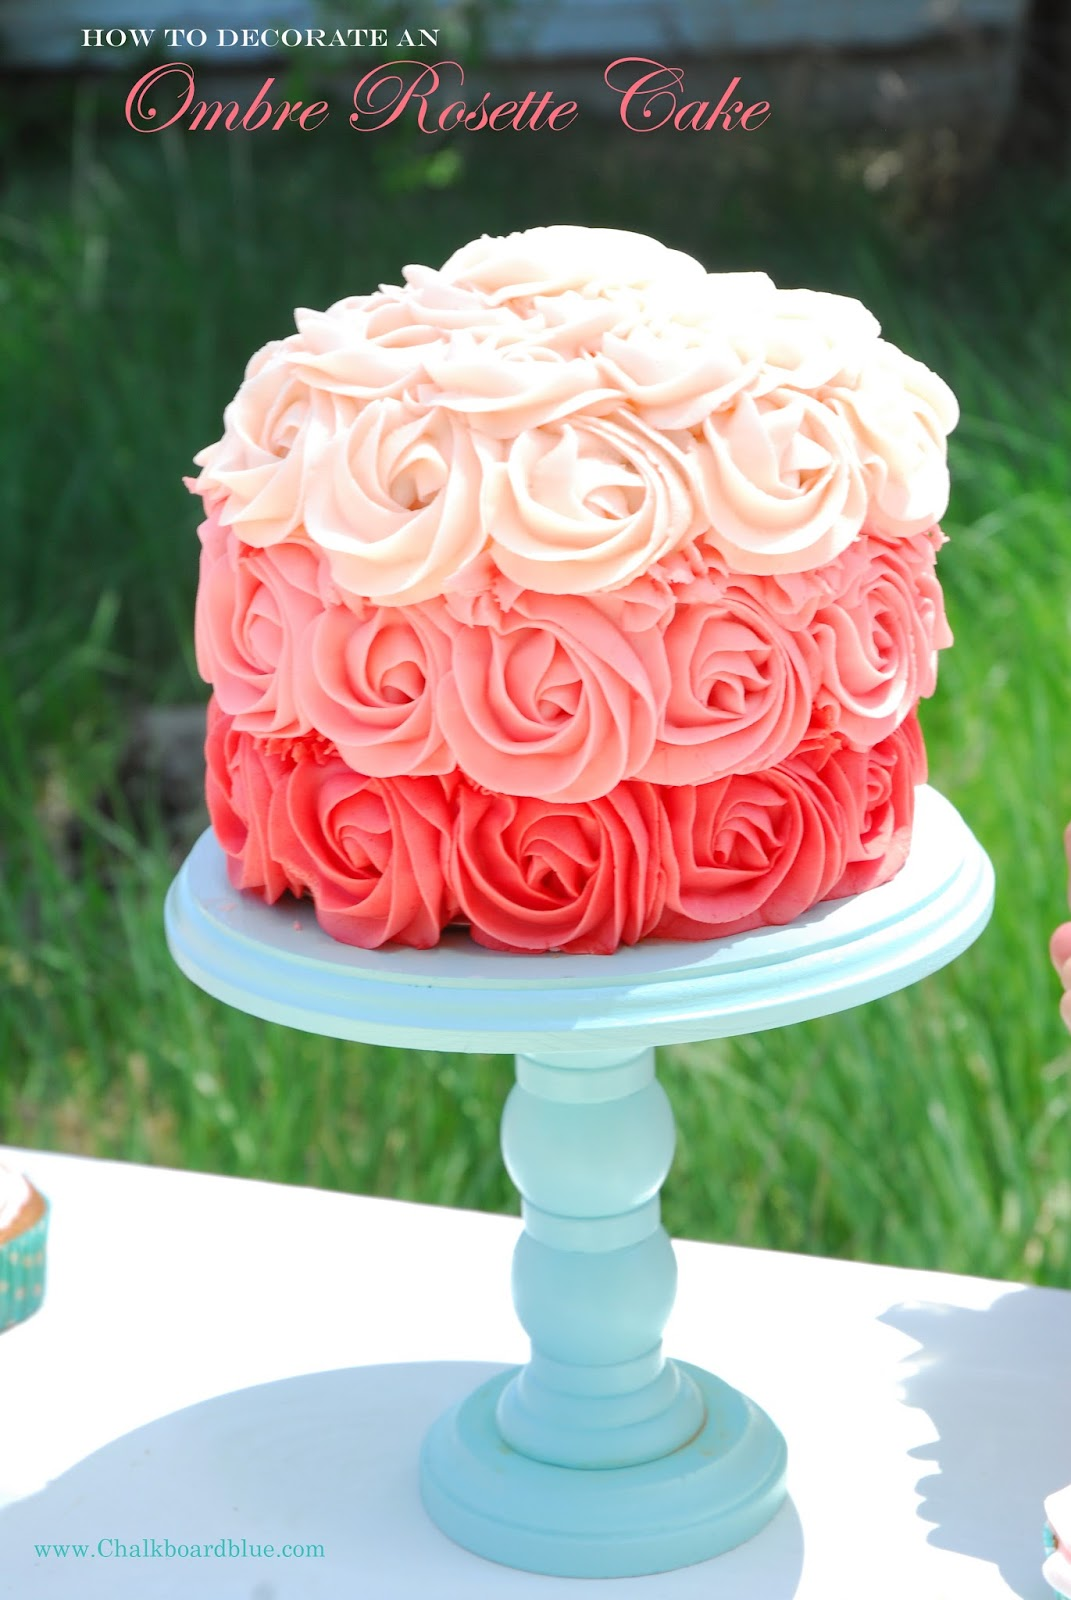 Ombre Rosette Cake Recipe